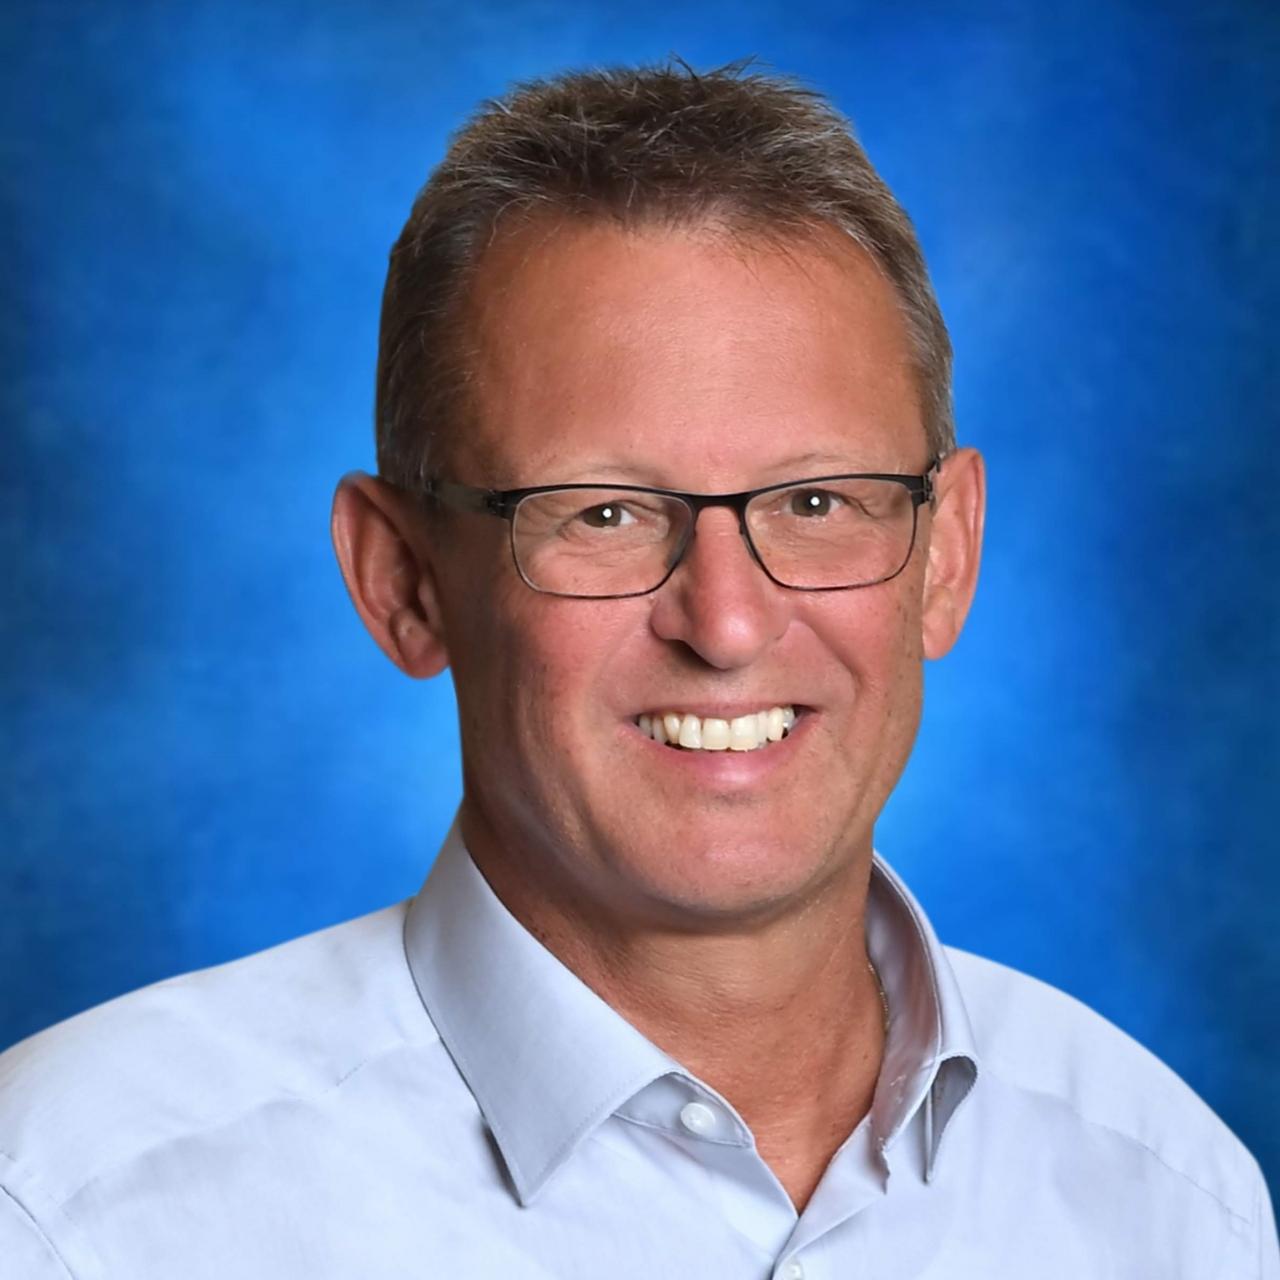 Guido Weischedel